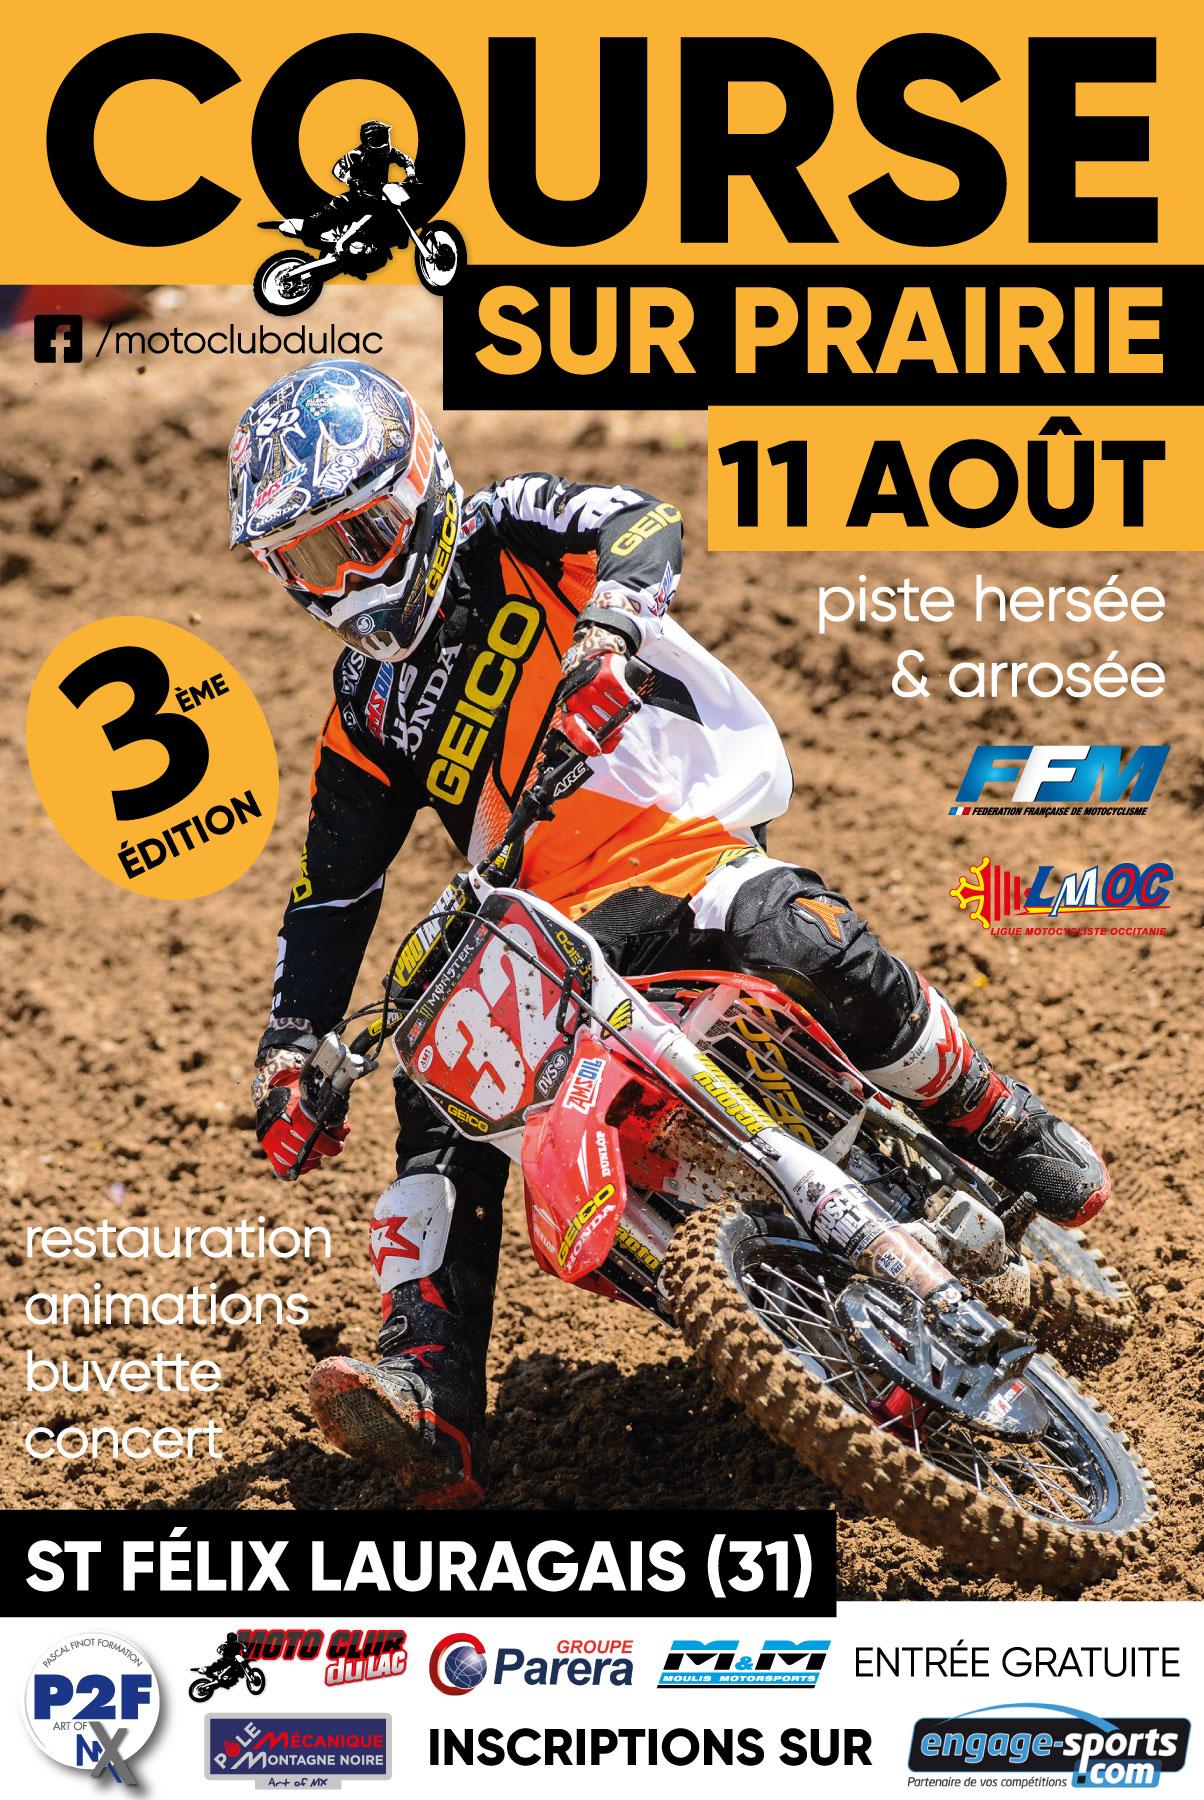 ep-826-prairie-st-felix-de-lauragais-11-aout-19-affiche